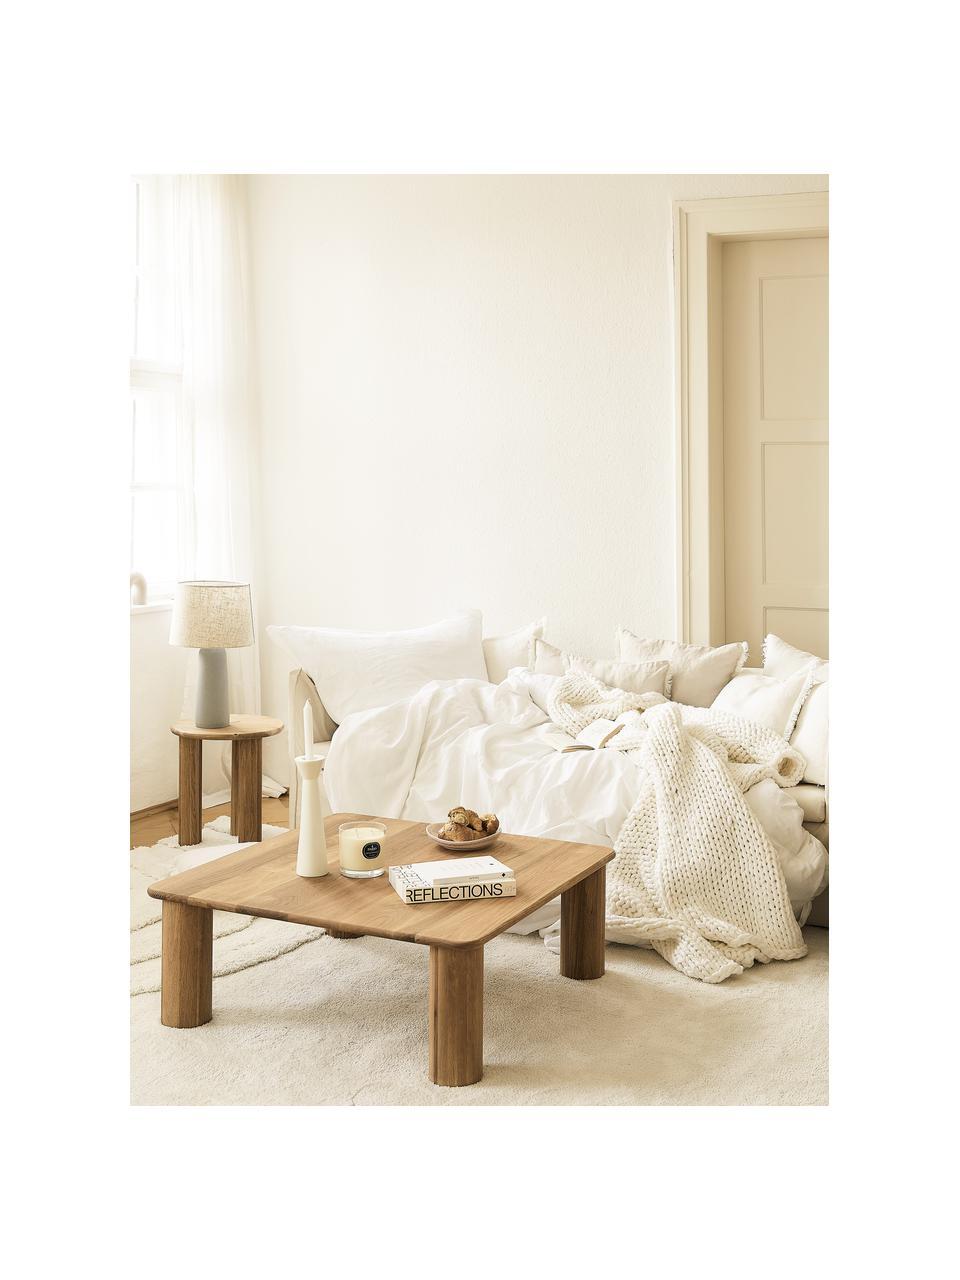 Tavolino da salotto in legno di quercia Didi, Legno massiccio di quercia oliato, Marrone, Larg. 90 x Alt. 35 cm